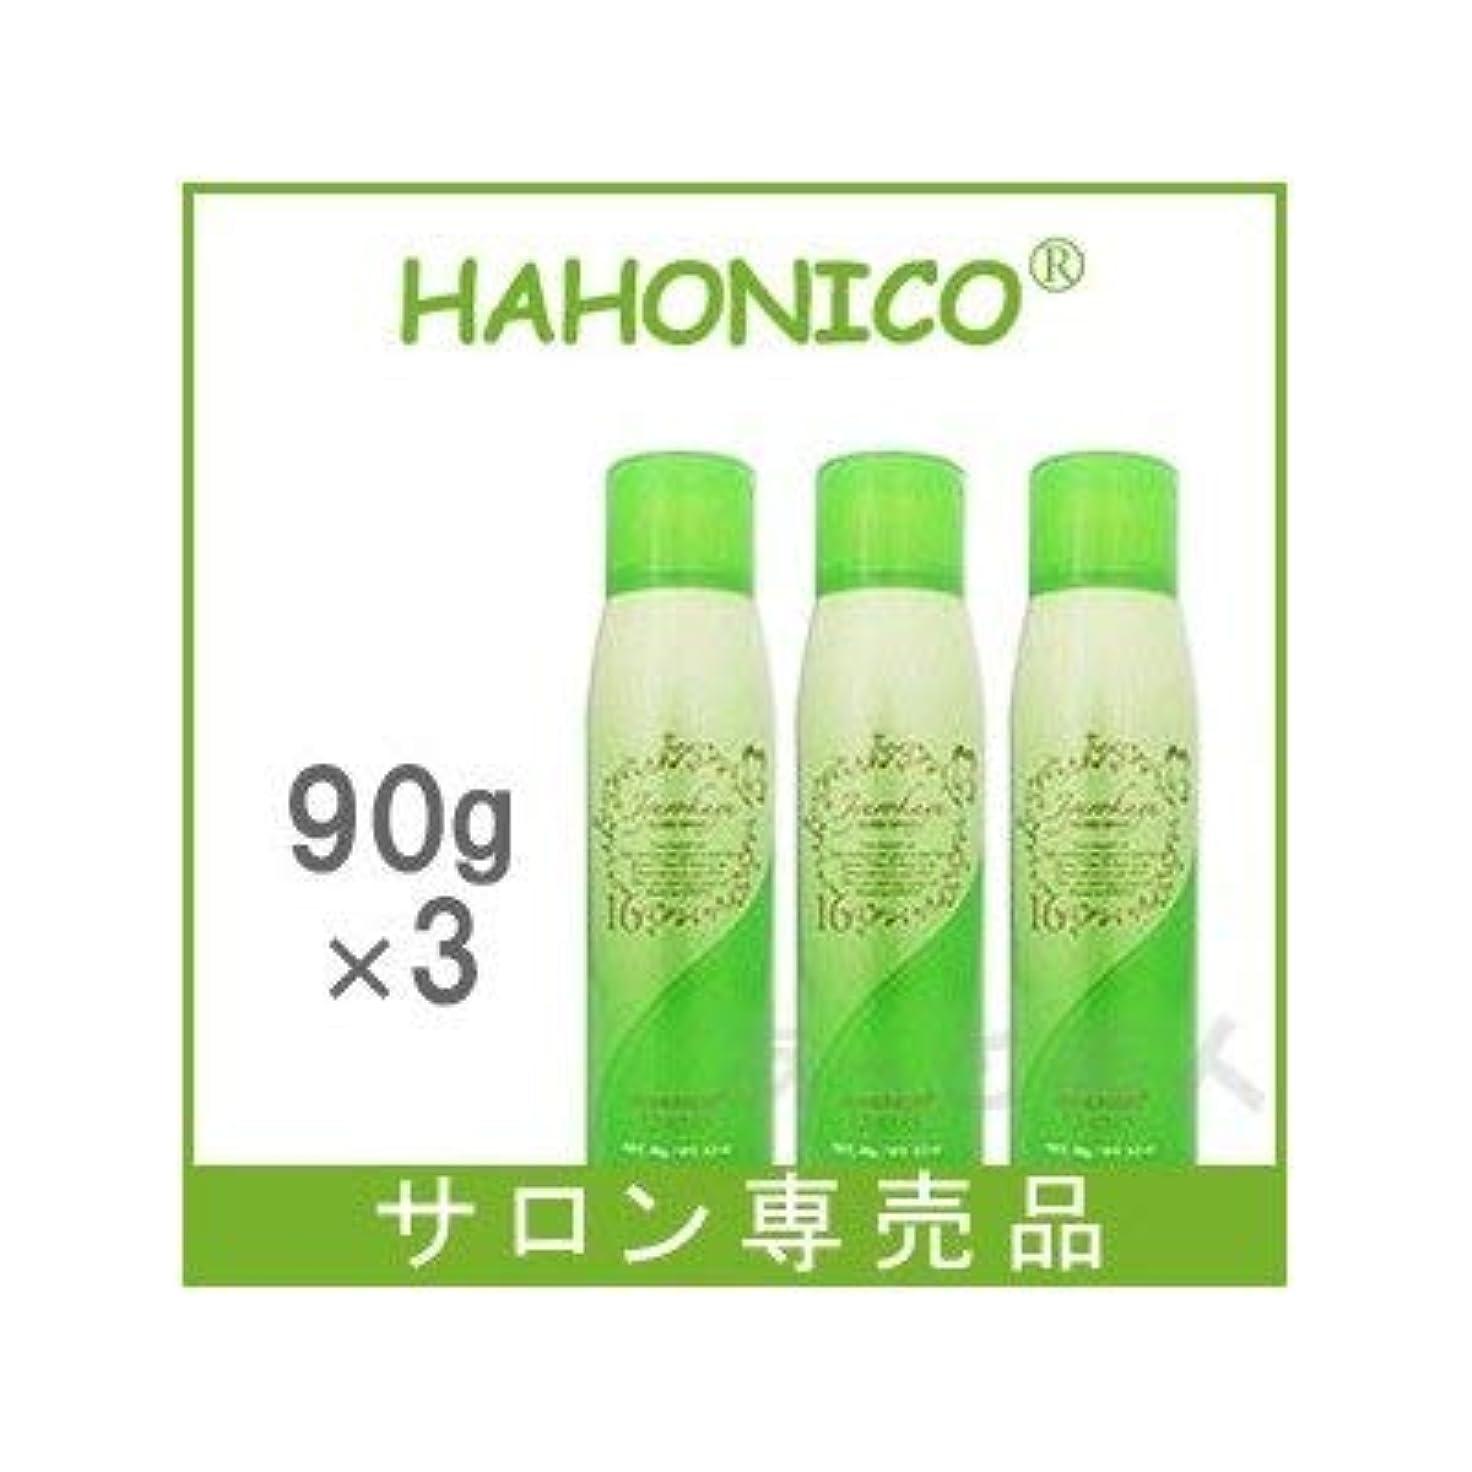 突然ほんの定常【X3個セット】 ハホニコ ジュウロクユ ツヤスプレー 90g 十六油 HAHONICO